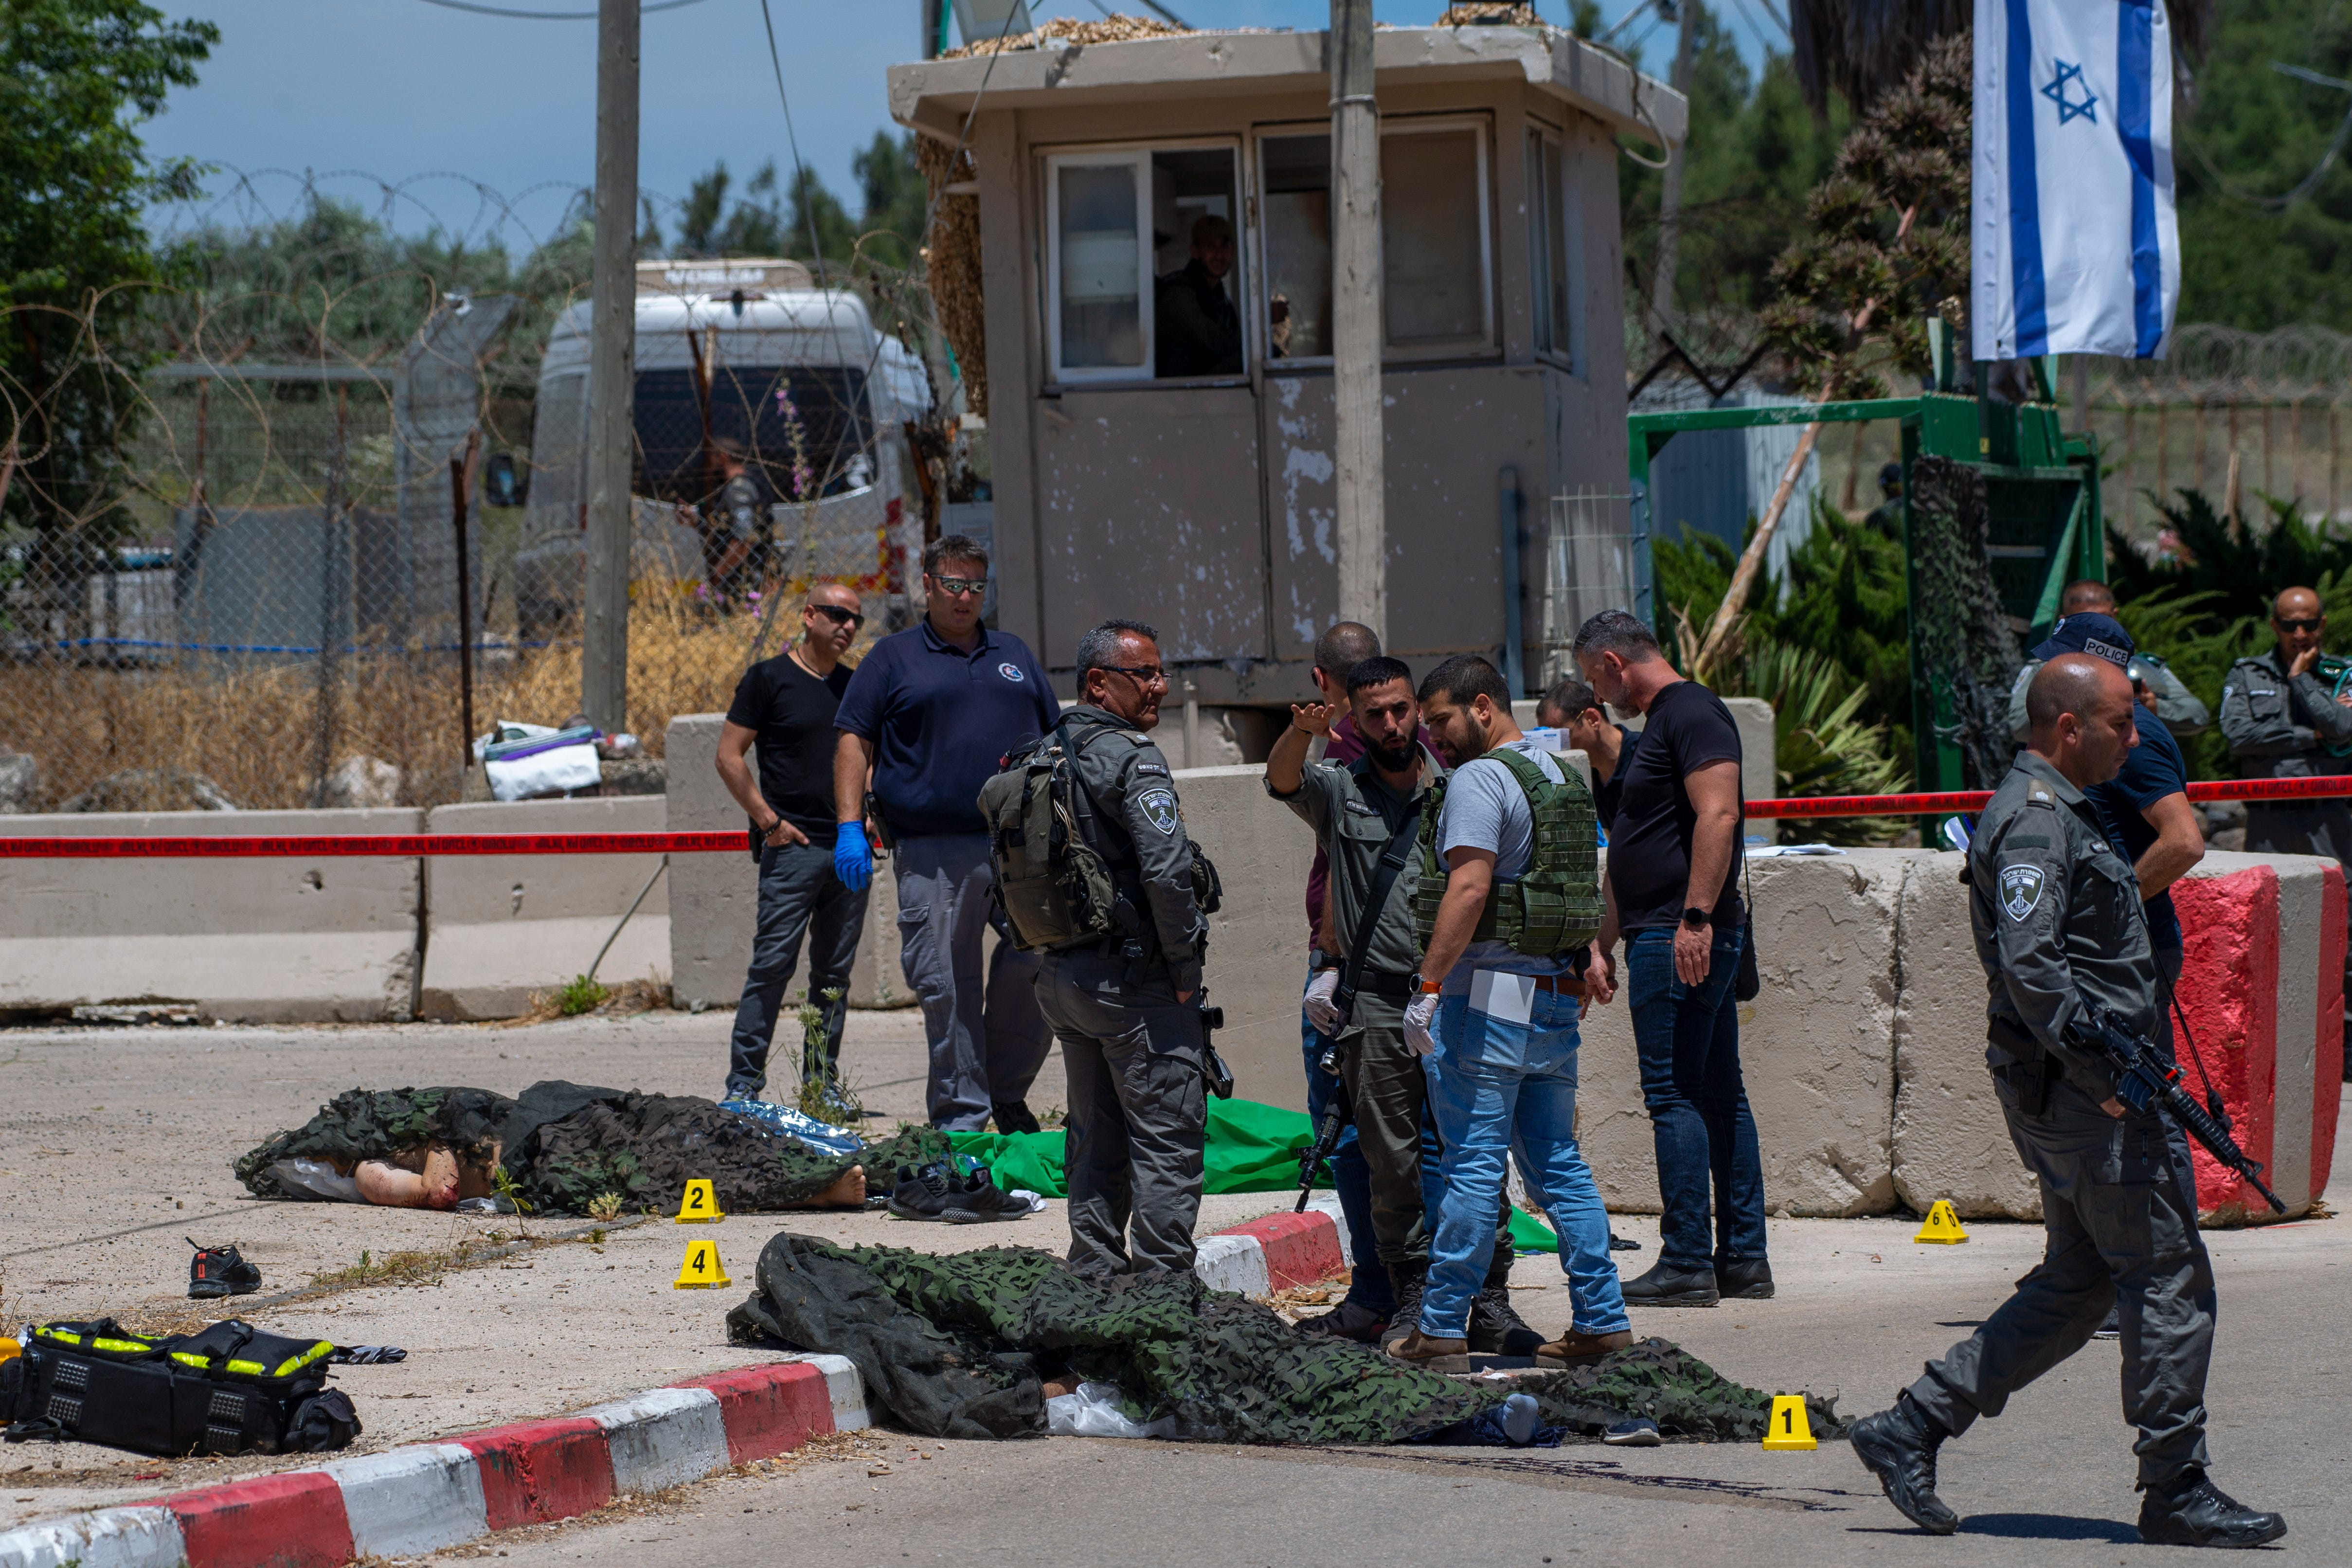 Palestinians, Israel police clash at Al-Aqsa Mosque; 53 hurt 1